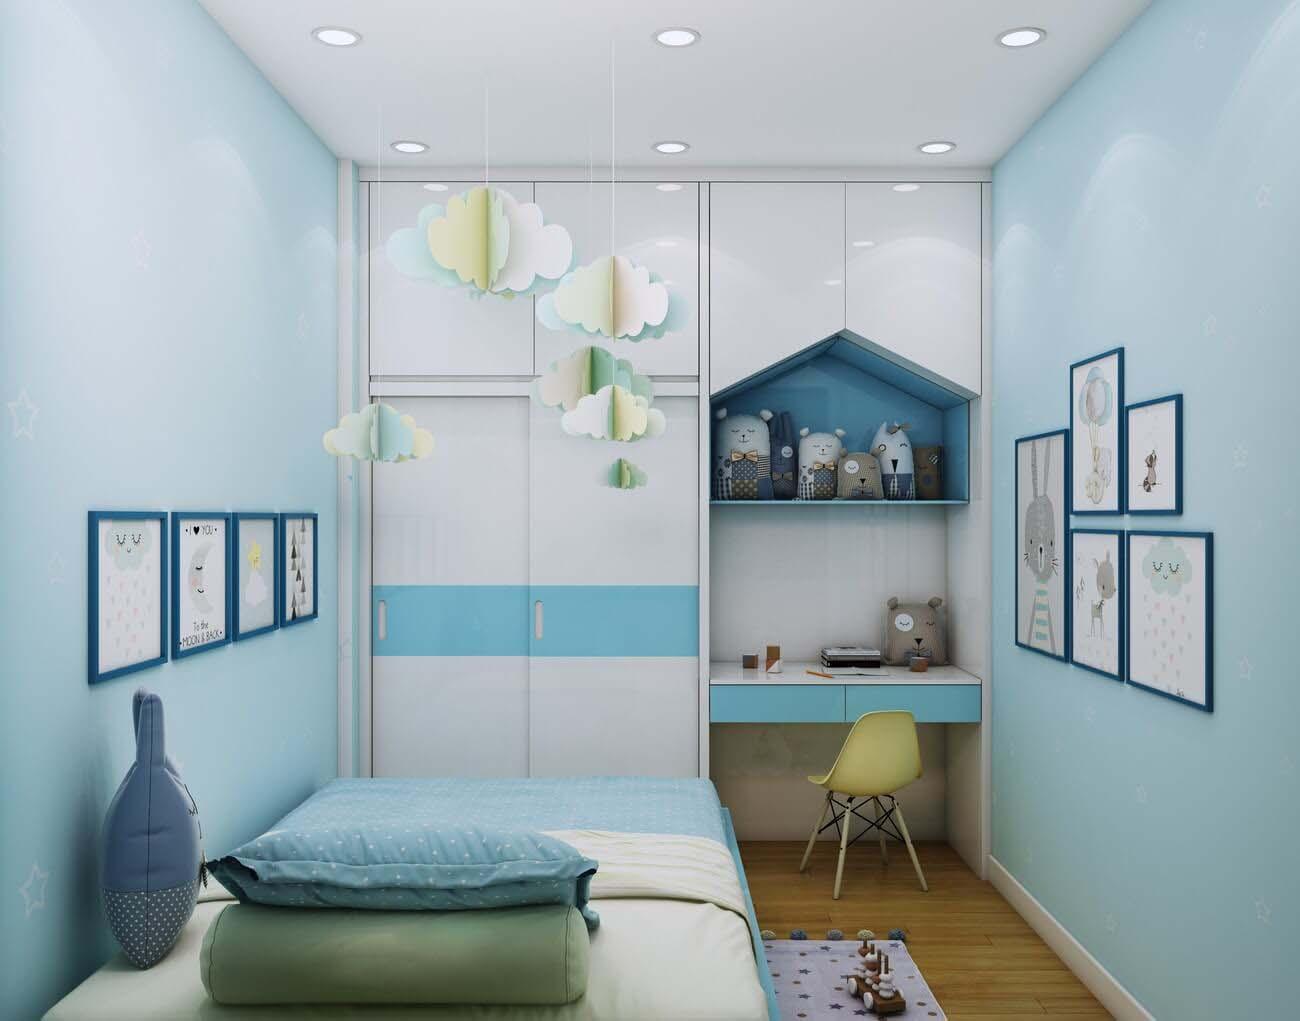 Phòng ngủ căn hộ chung cư Bcons Suối Tiên Loại B Dĩ An Đường Tân Lập chủ đầu tư Bcons